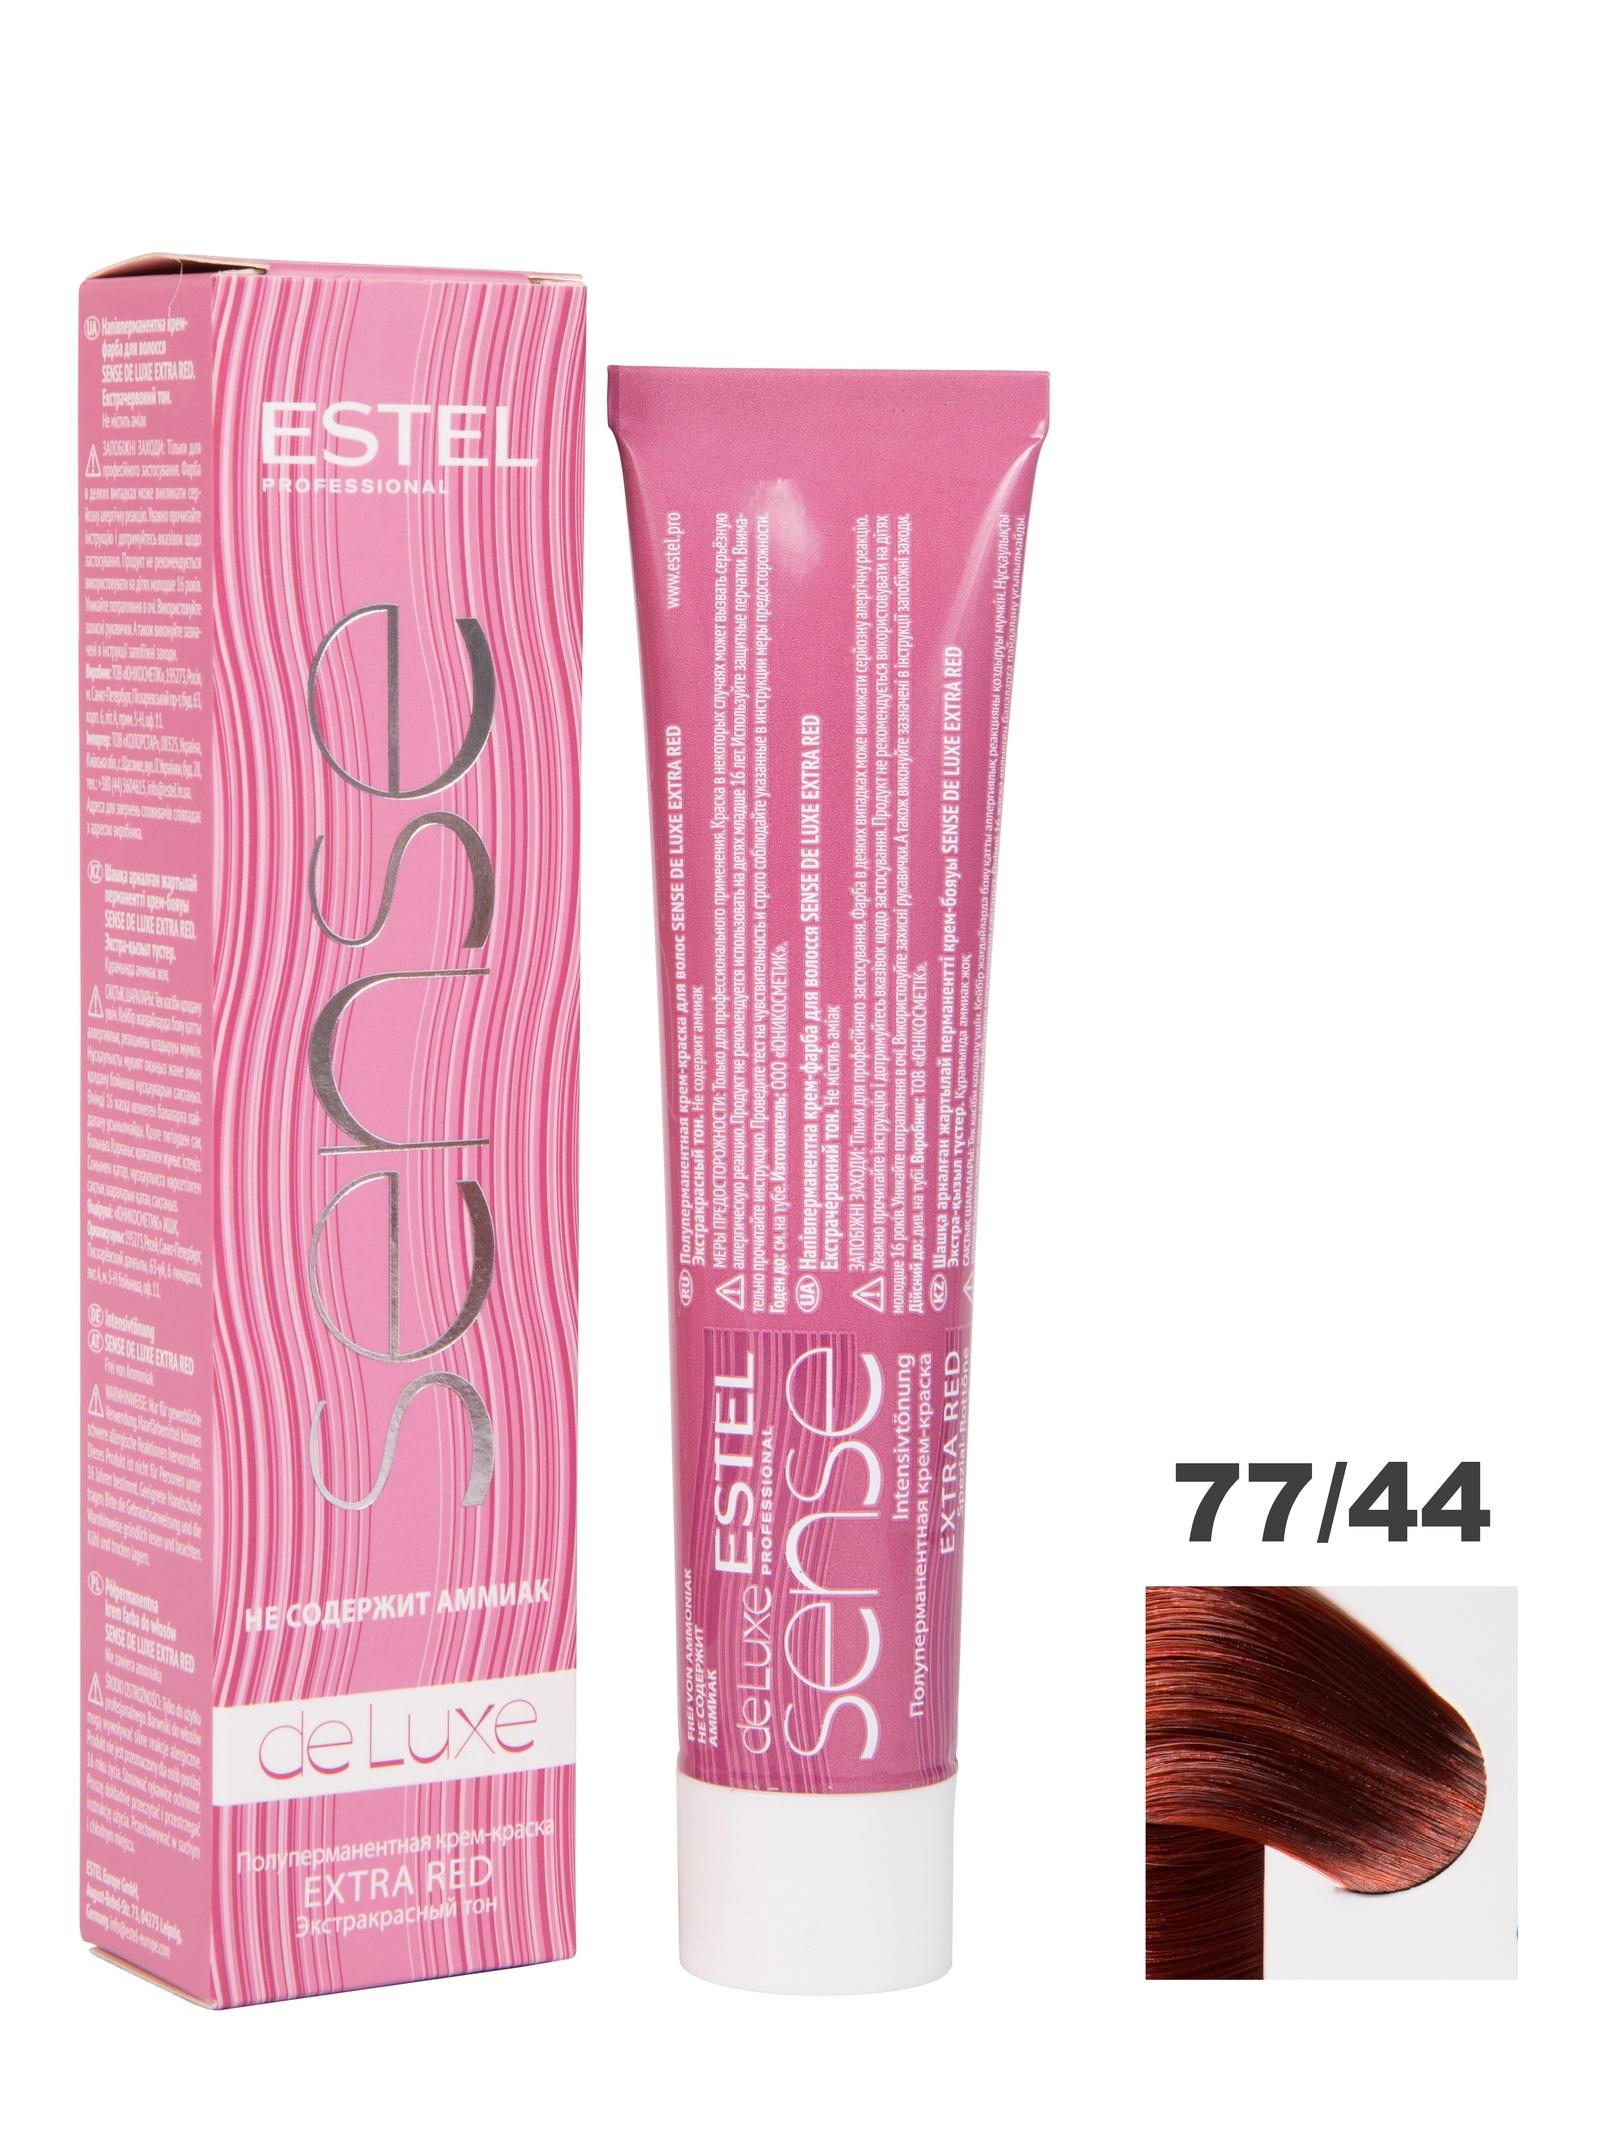 Фото - Крем-краска SENSE DE LUXE EXTRA RED для окрашивания волос ESTEL PROFESSIONAL 77/44 русый медный интенсивный 60 мл estel крем краска без аммиака sense de luxe 5 4 светлый шатен медный 60 мл